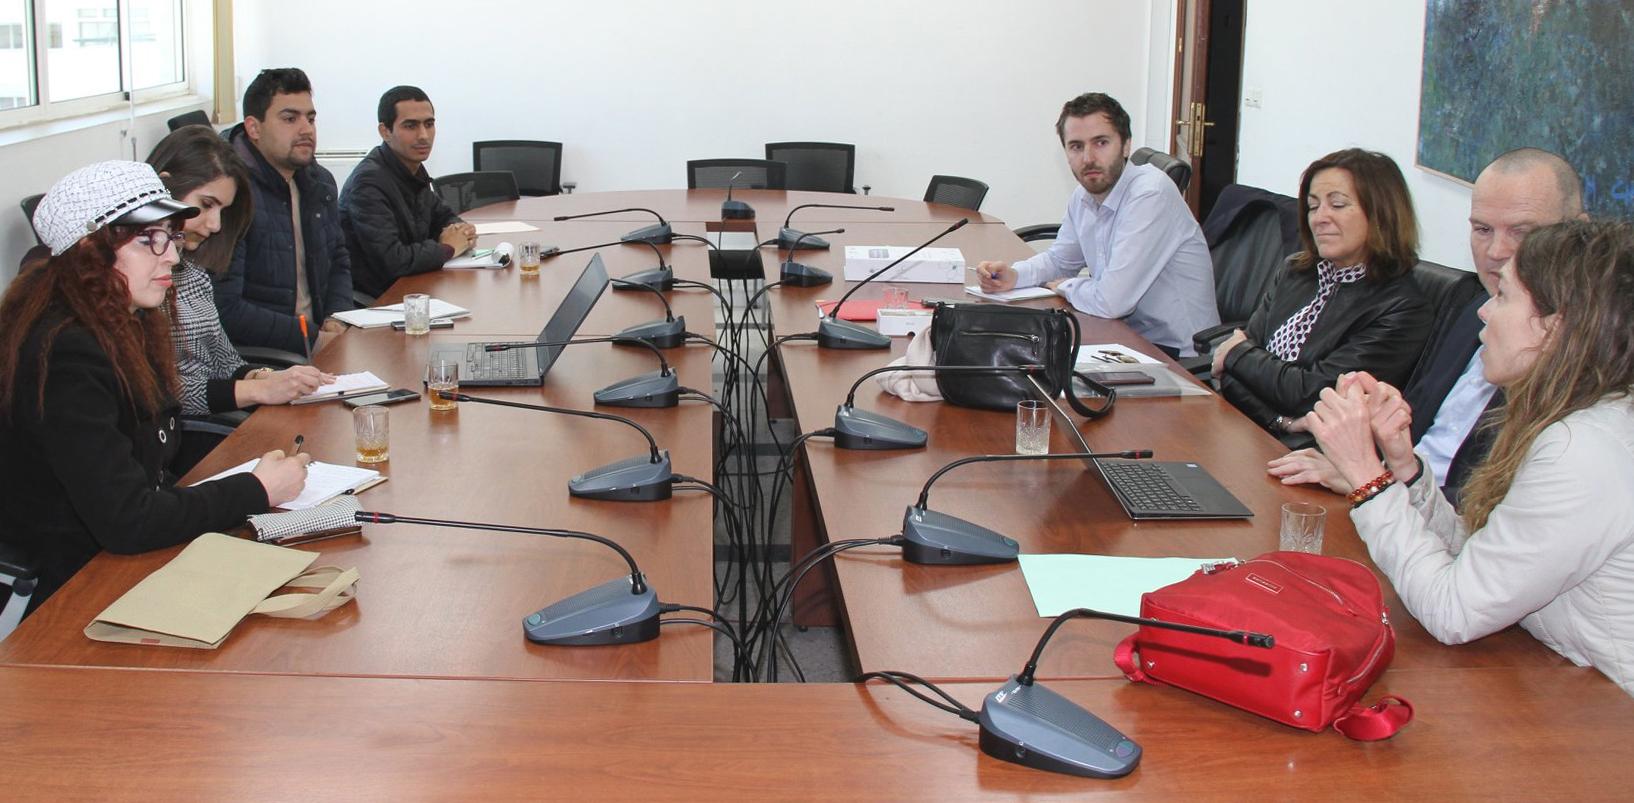 De acht betrokken personen zitten rond een vergadertafel.